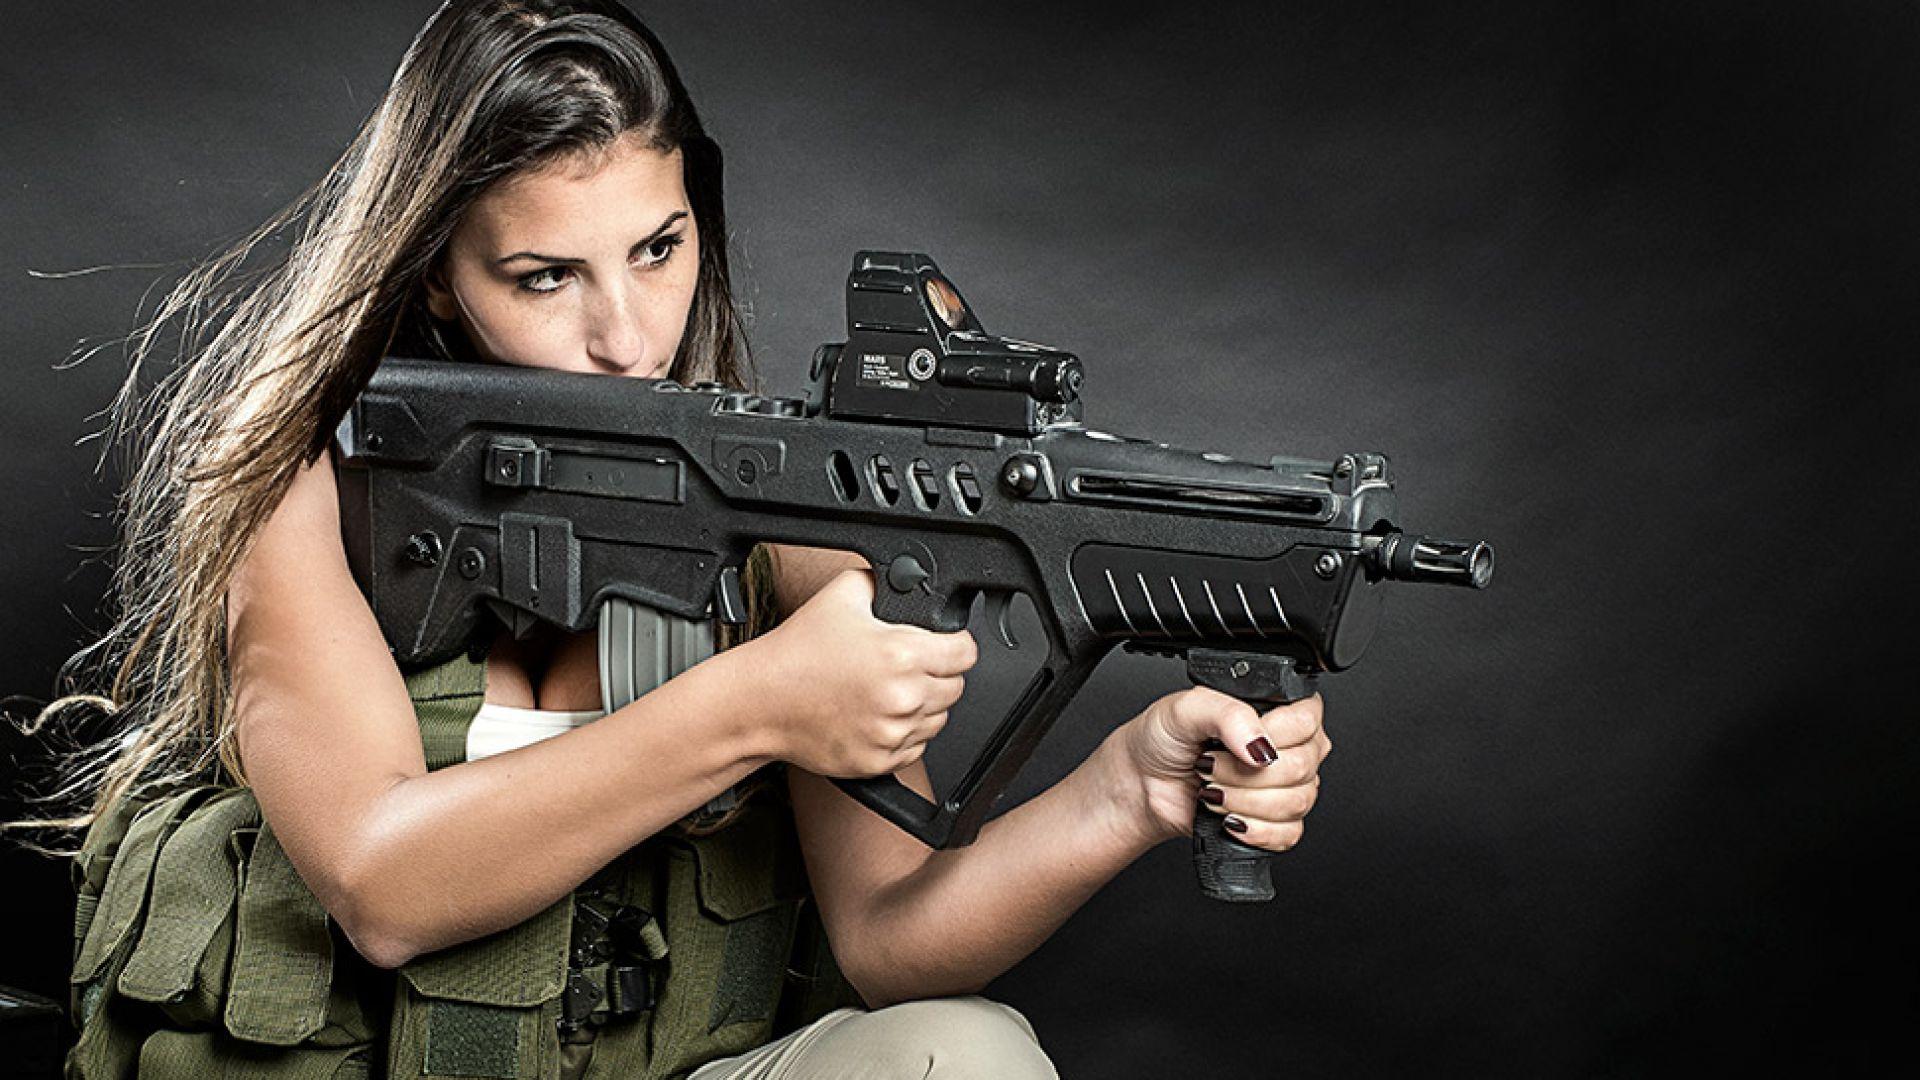 Най-модерният автомат в армията на Израел